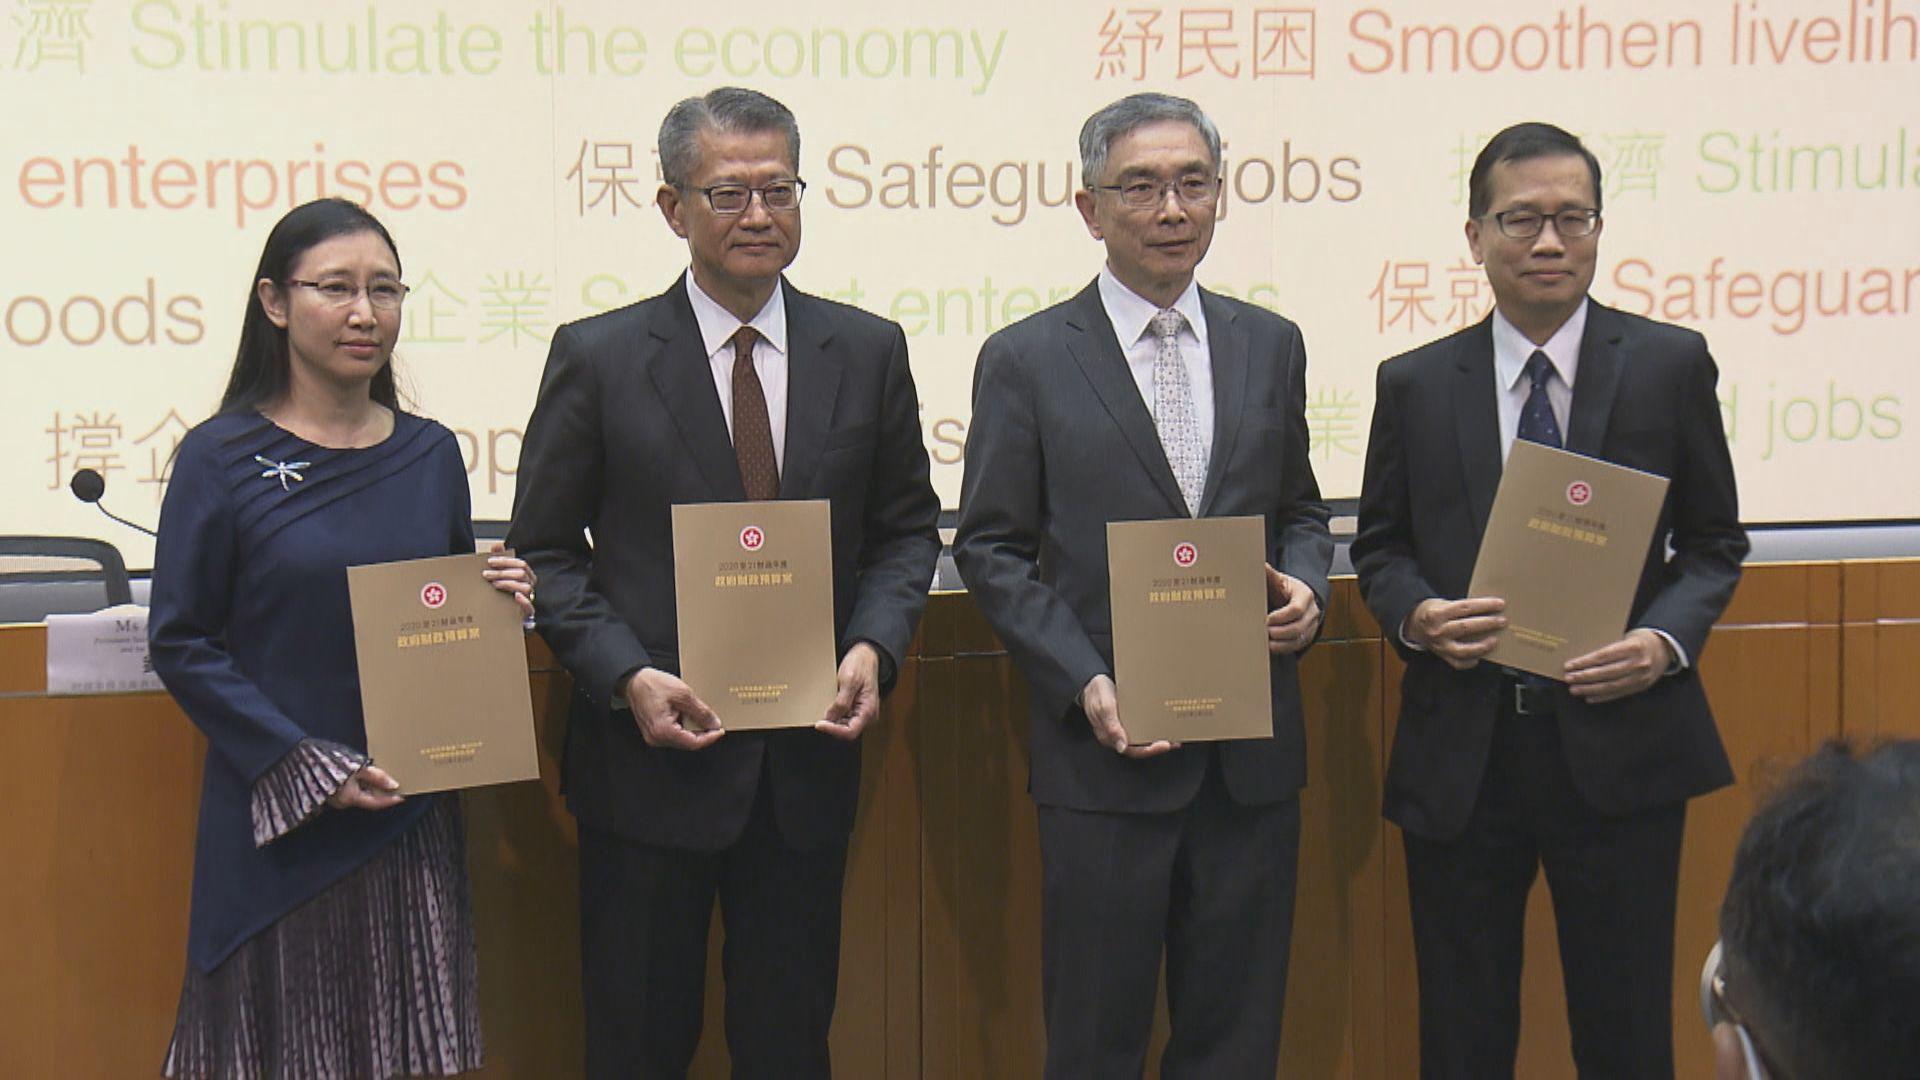 陳茂波希望預算案以支持個人及企業來刺激經濟